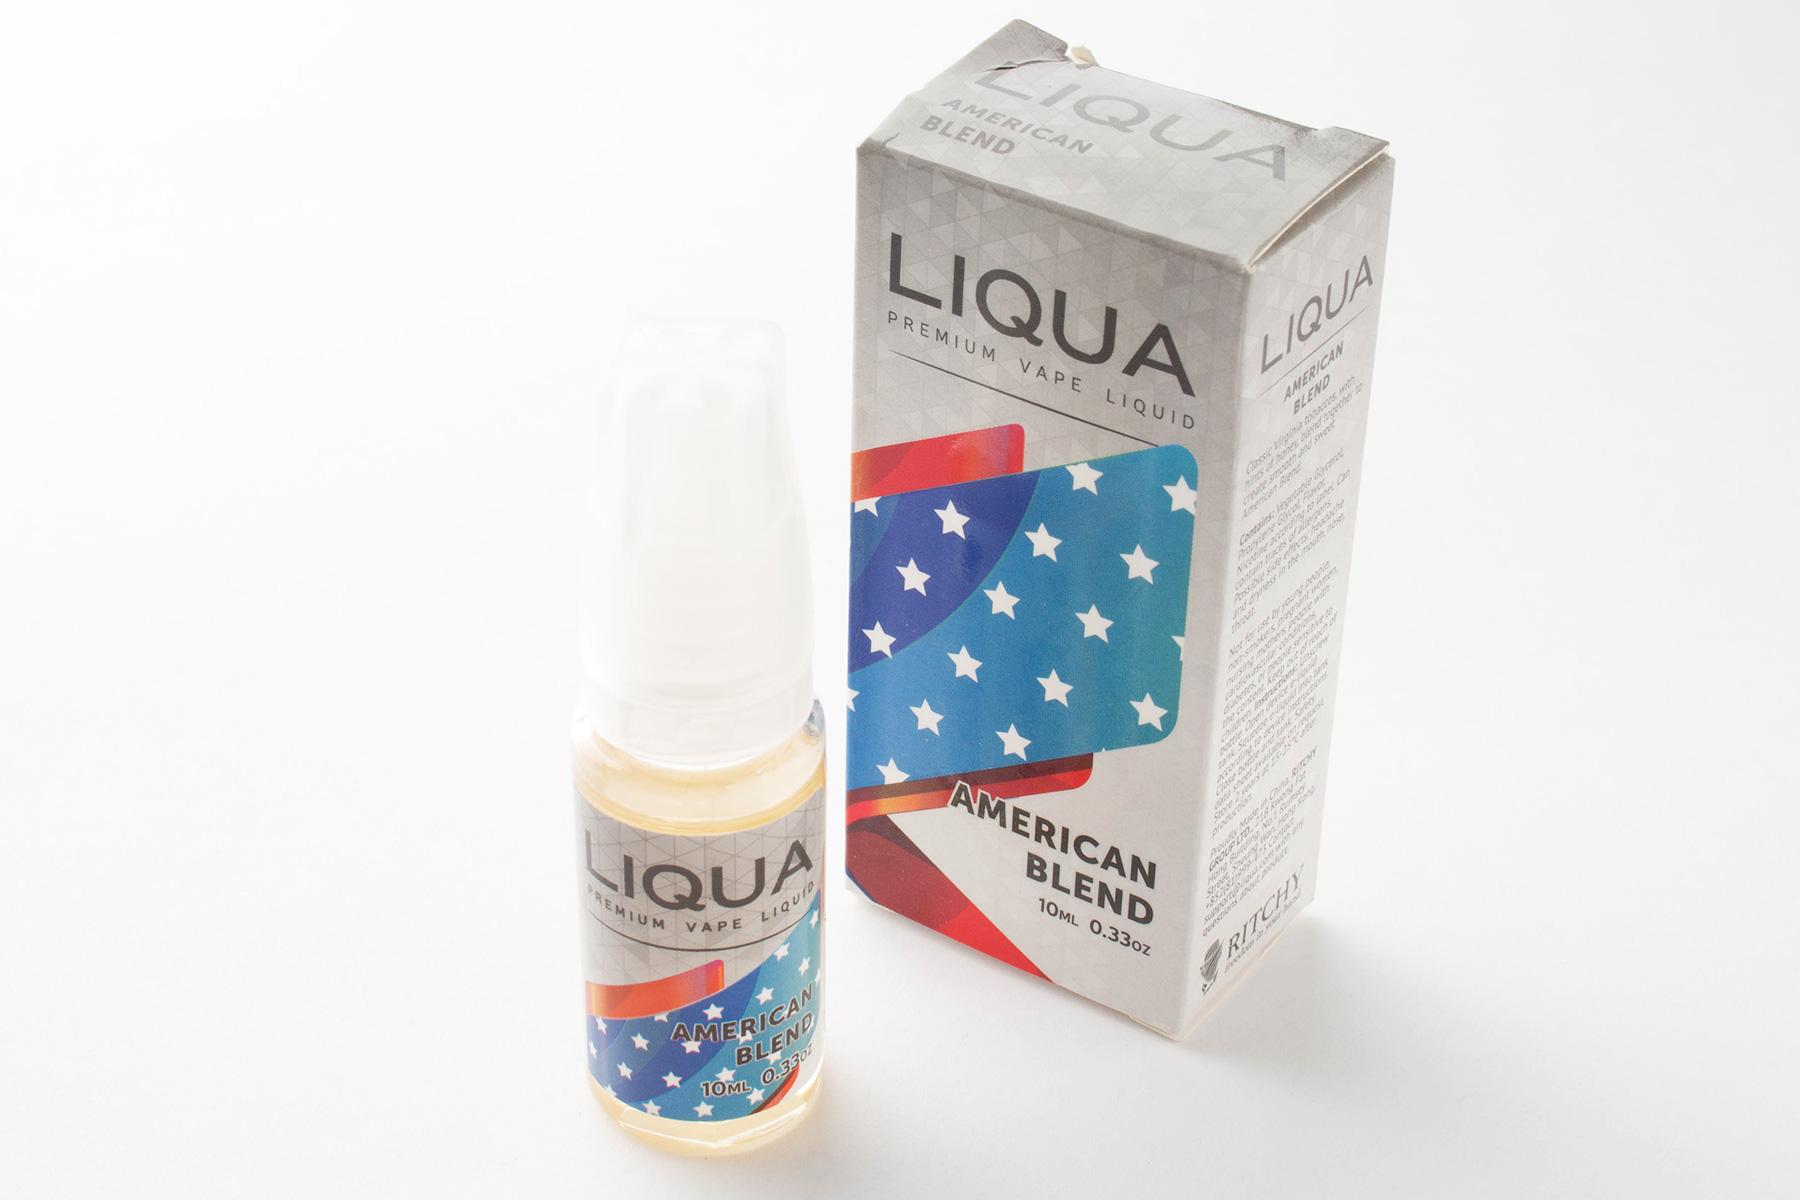 【リキッド】American Blend「アメリカンブレンド」 (LIQUA リクア) レビュー